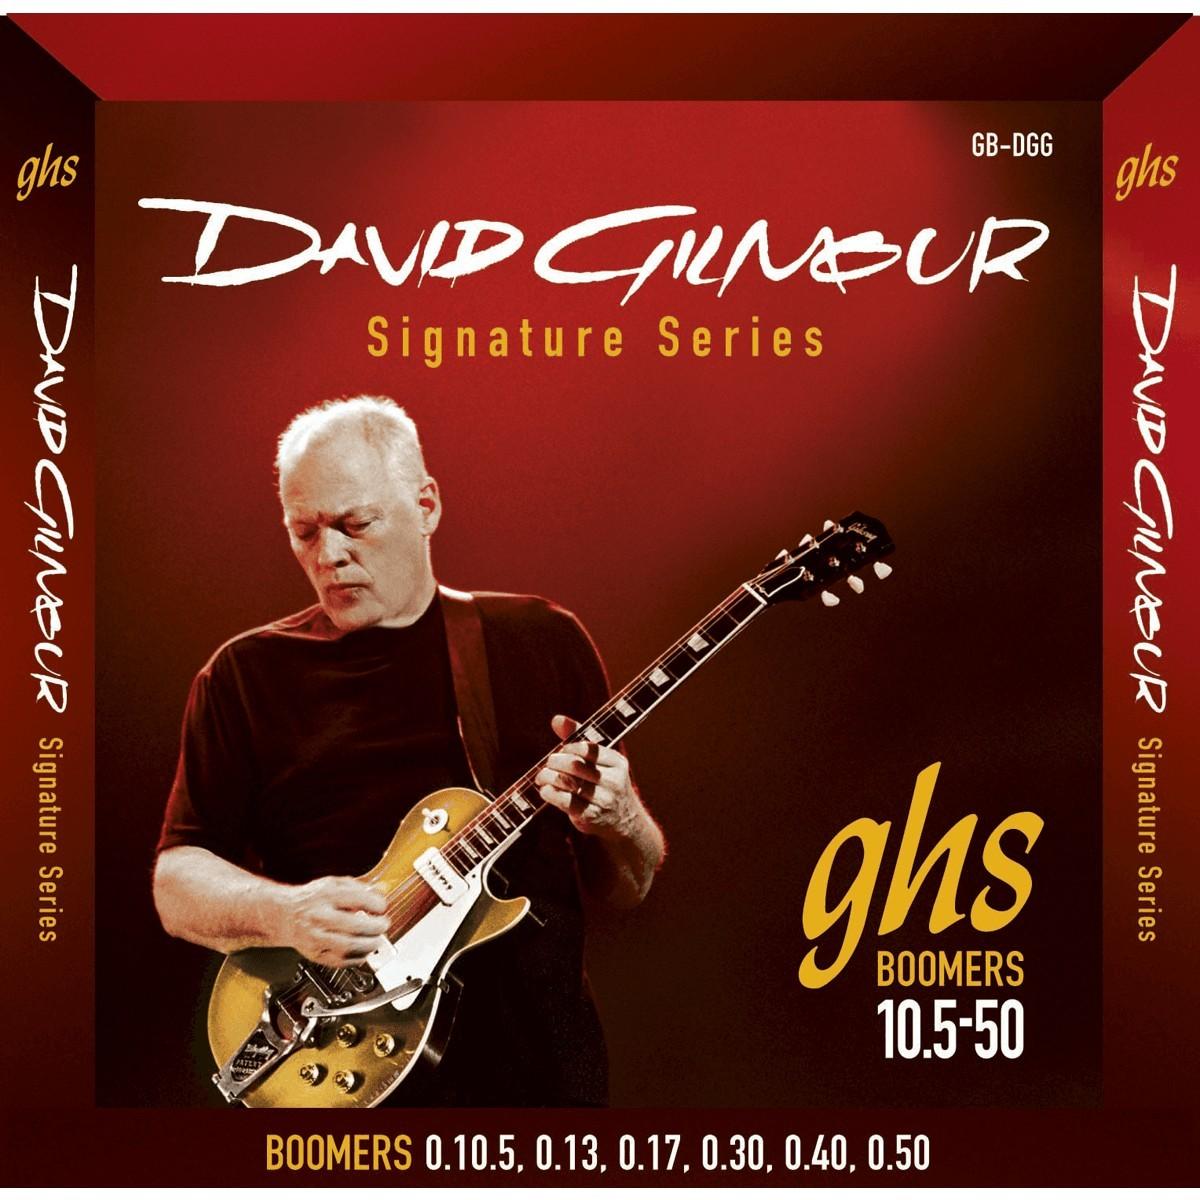 GHS Cordes Electriques Signature File Rond David Gilmour Rouge 10 5 50